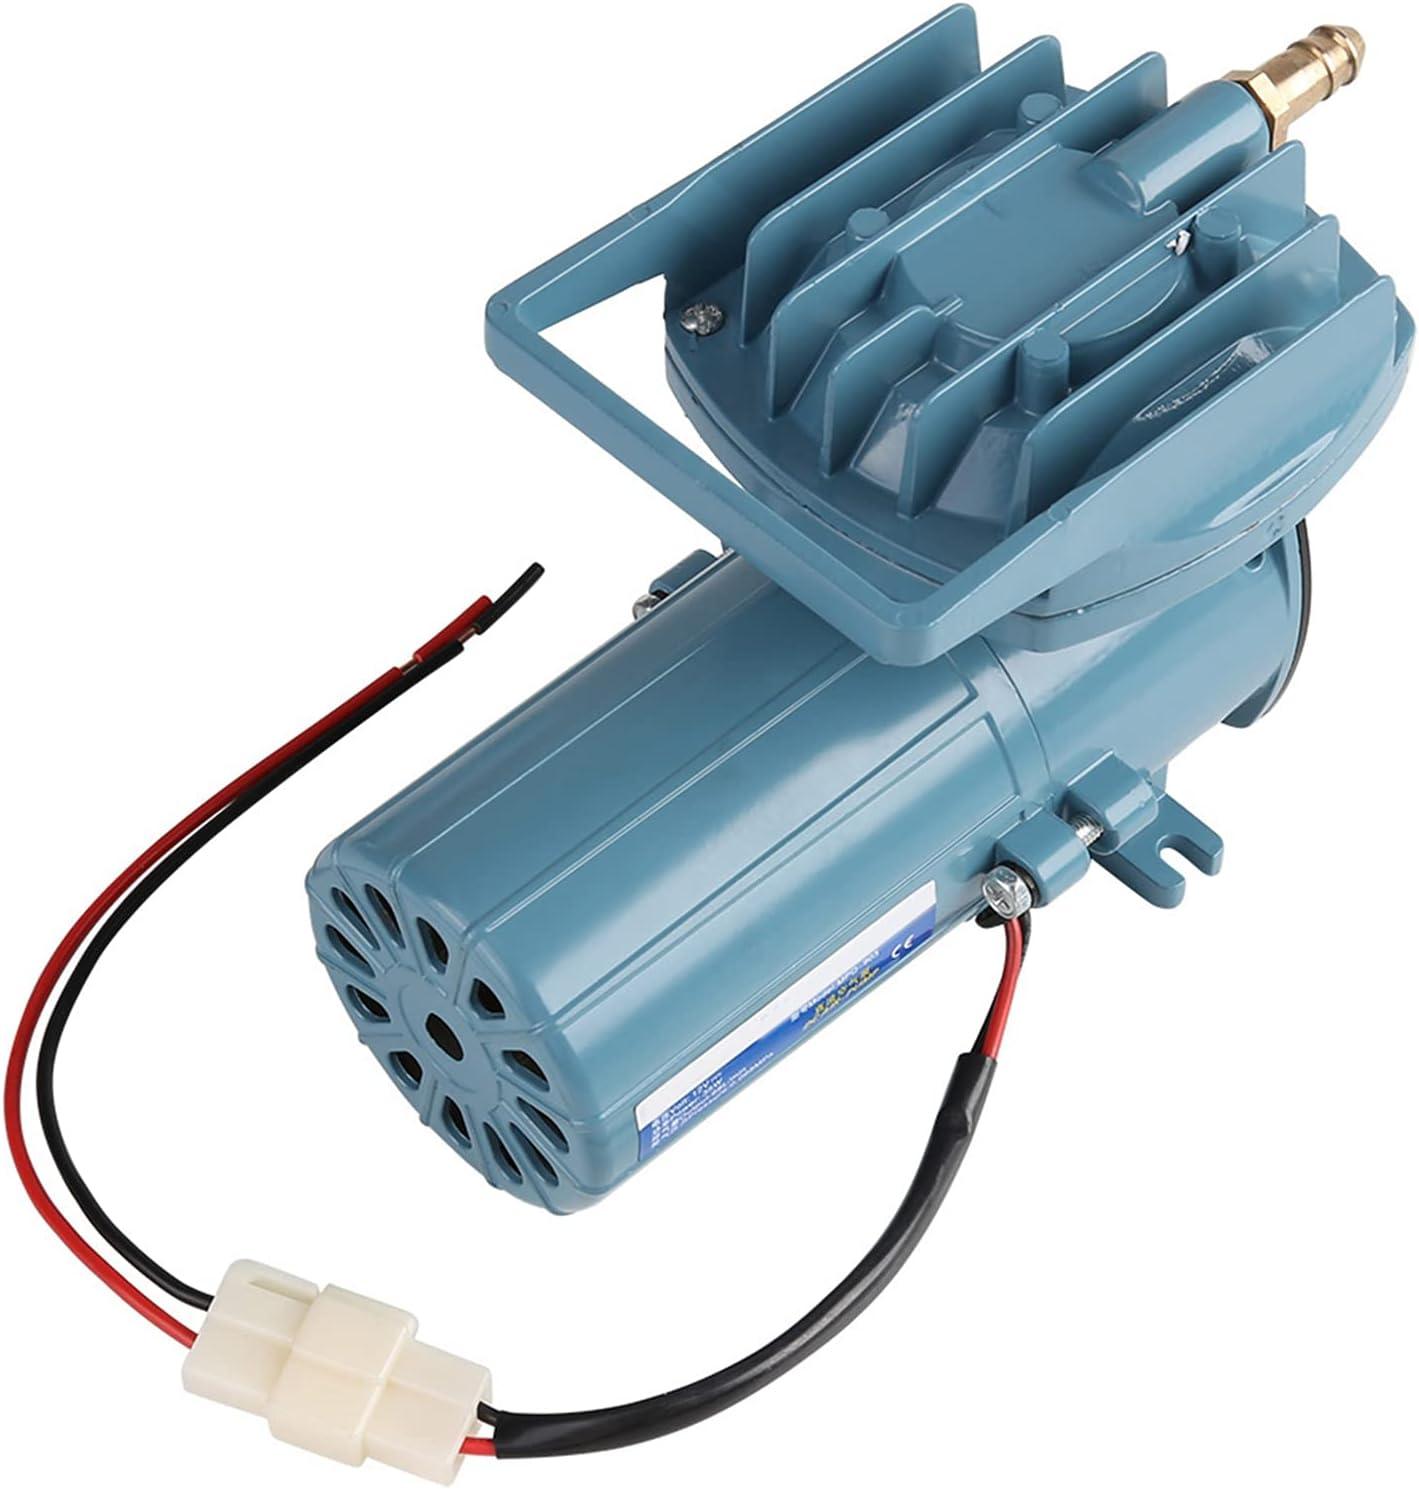 Gaeirt Air Pump Aerator Pum Super-cheap Inventory cleanup selling sale Tank Aquarium Fish